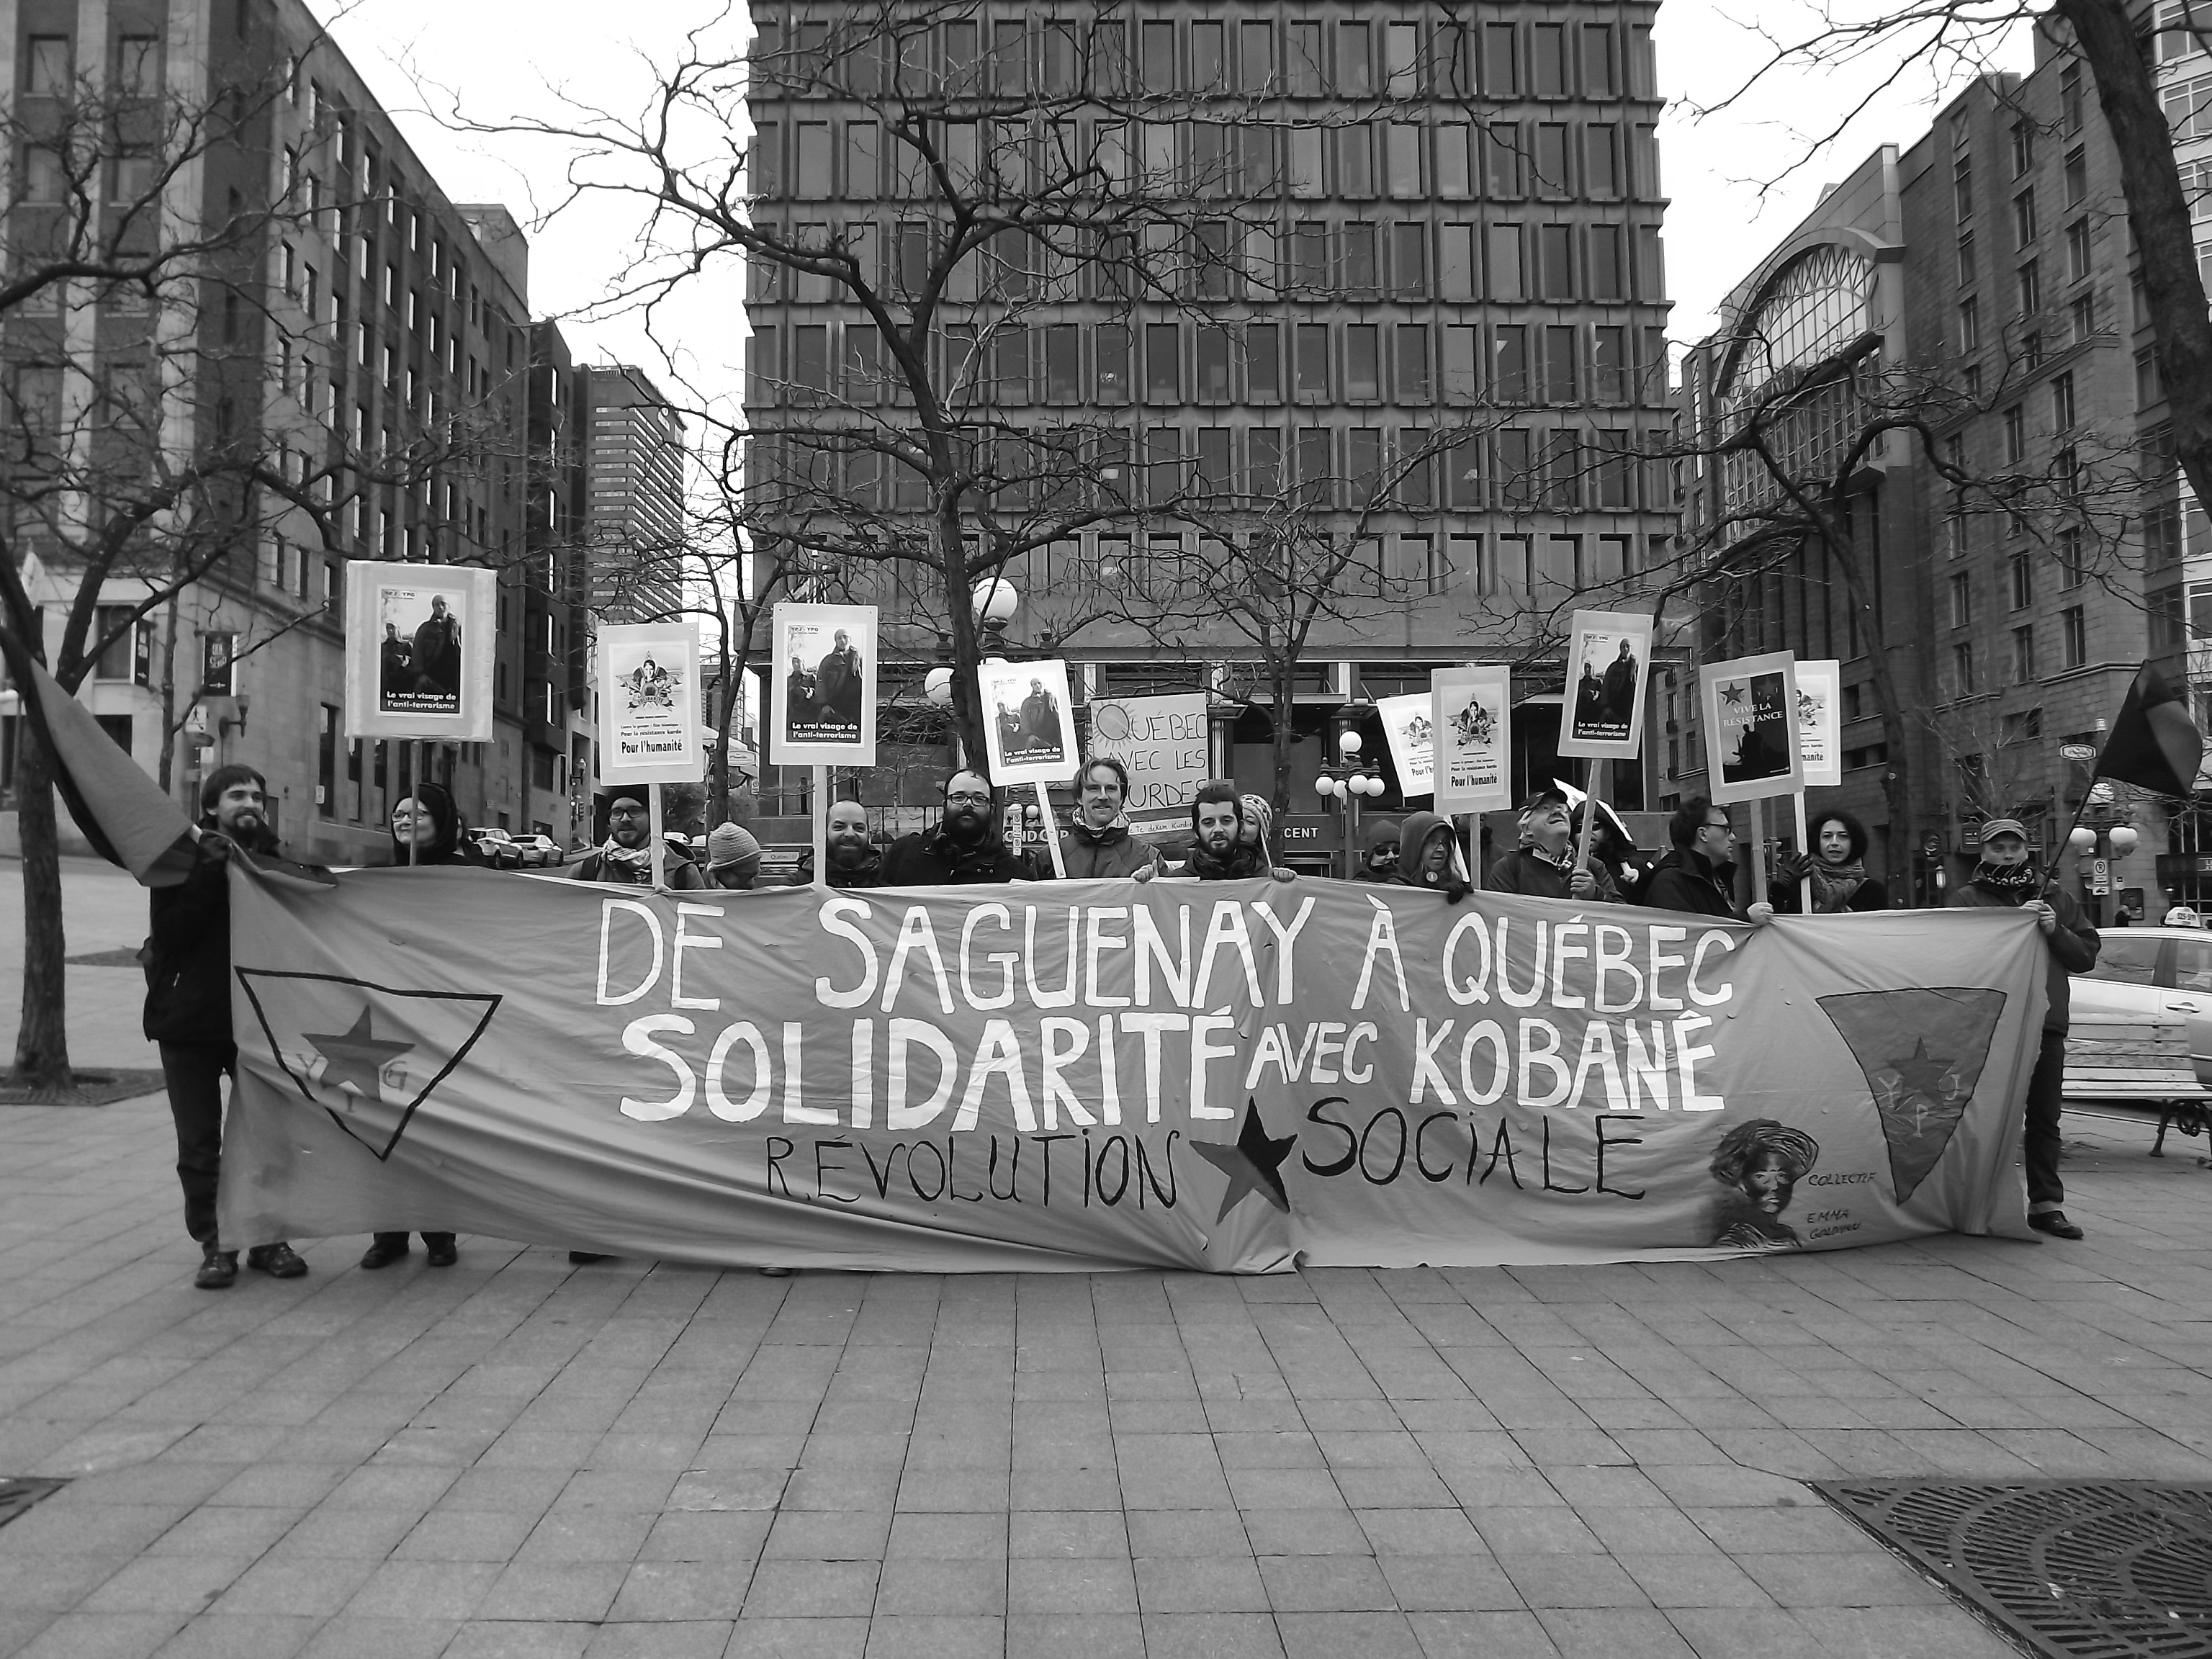 Le collectif Emma-Goldman du Saguenay est venu se joindre aux gens de Québec pour soutenir la résistance Kurde. Photo: Collectif Emma-Goldman